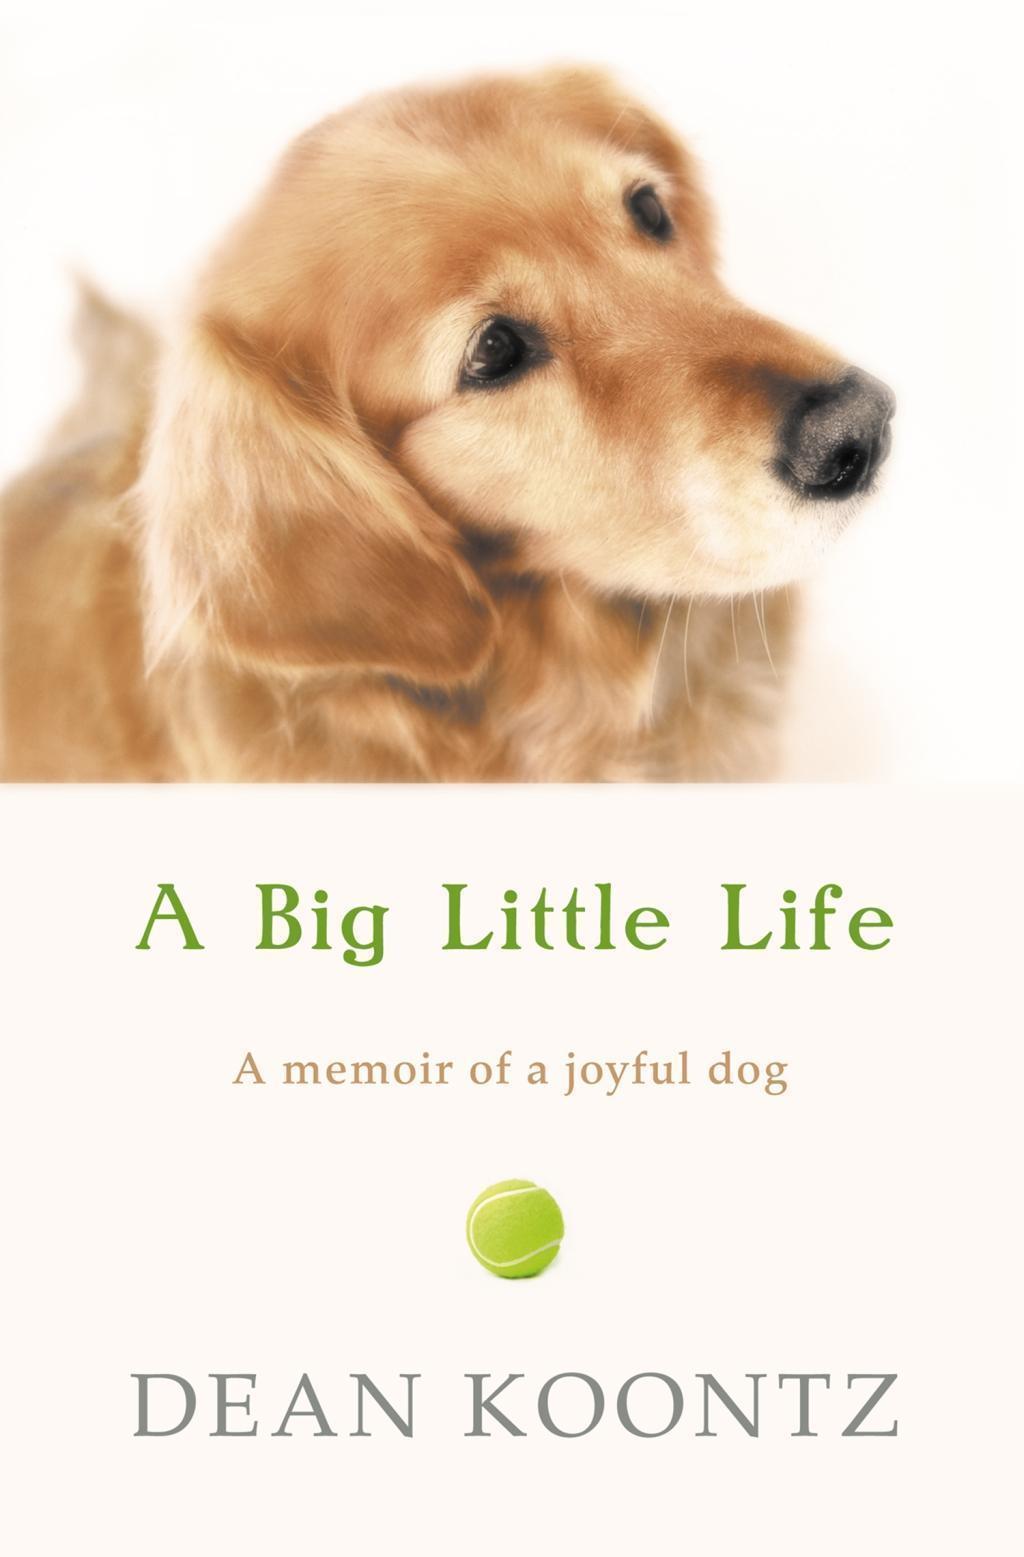 A Big Little Life